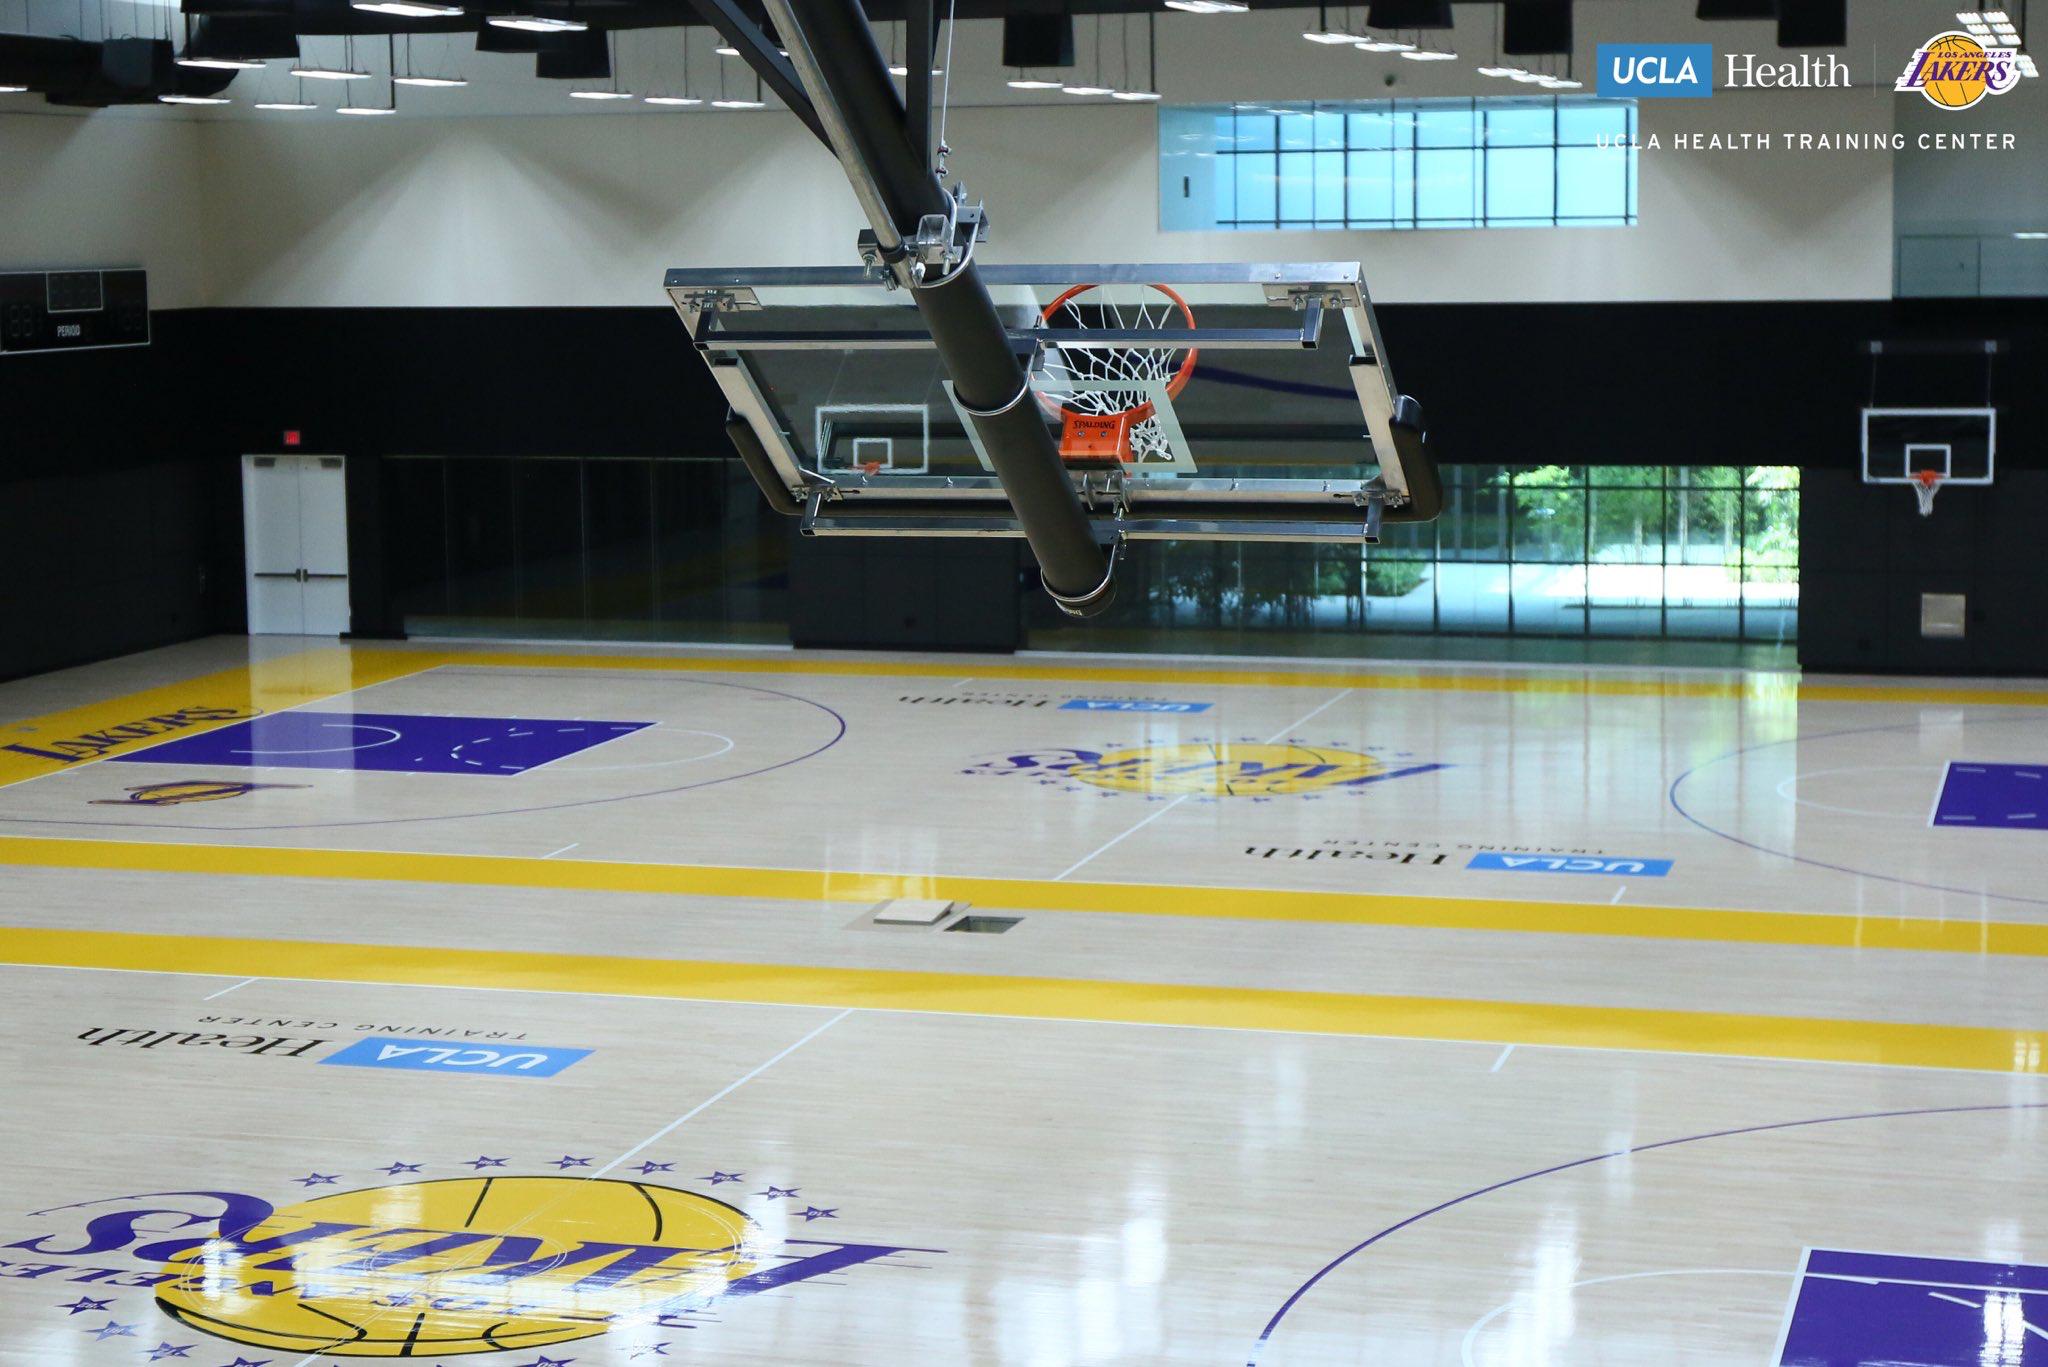 Lakers New Practice Gym Basketball Court Basketball Basketball Wall